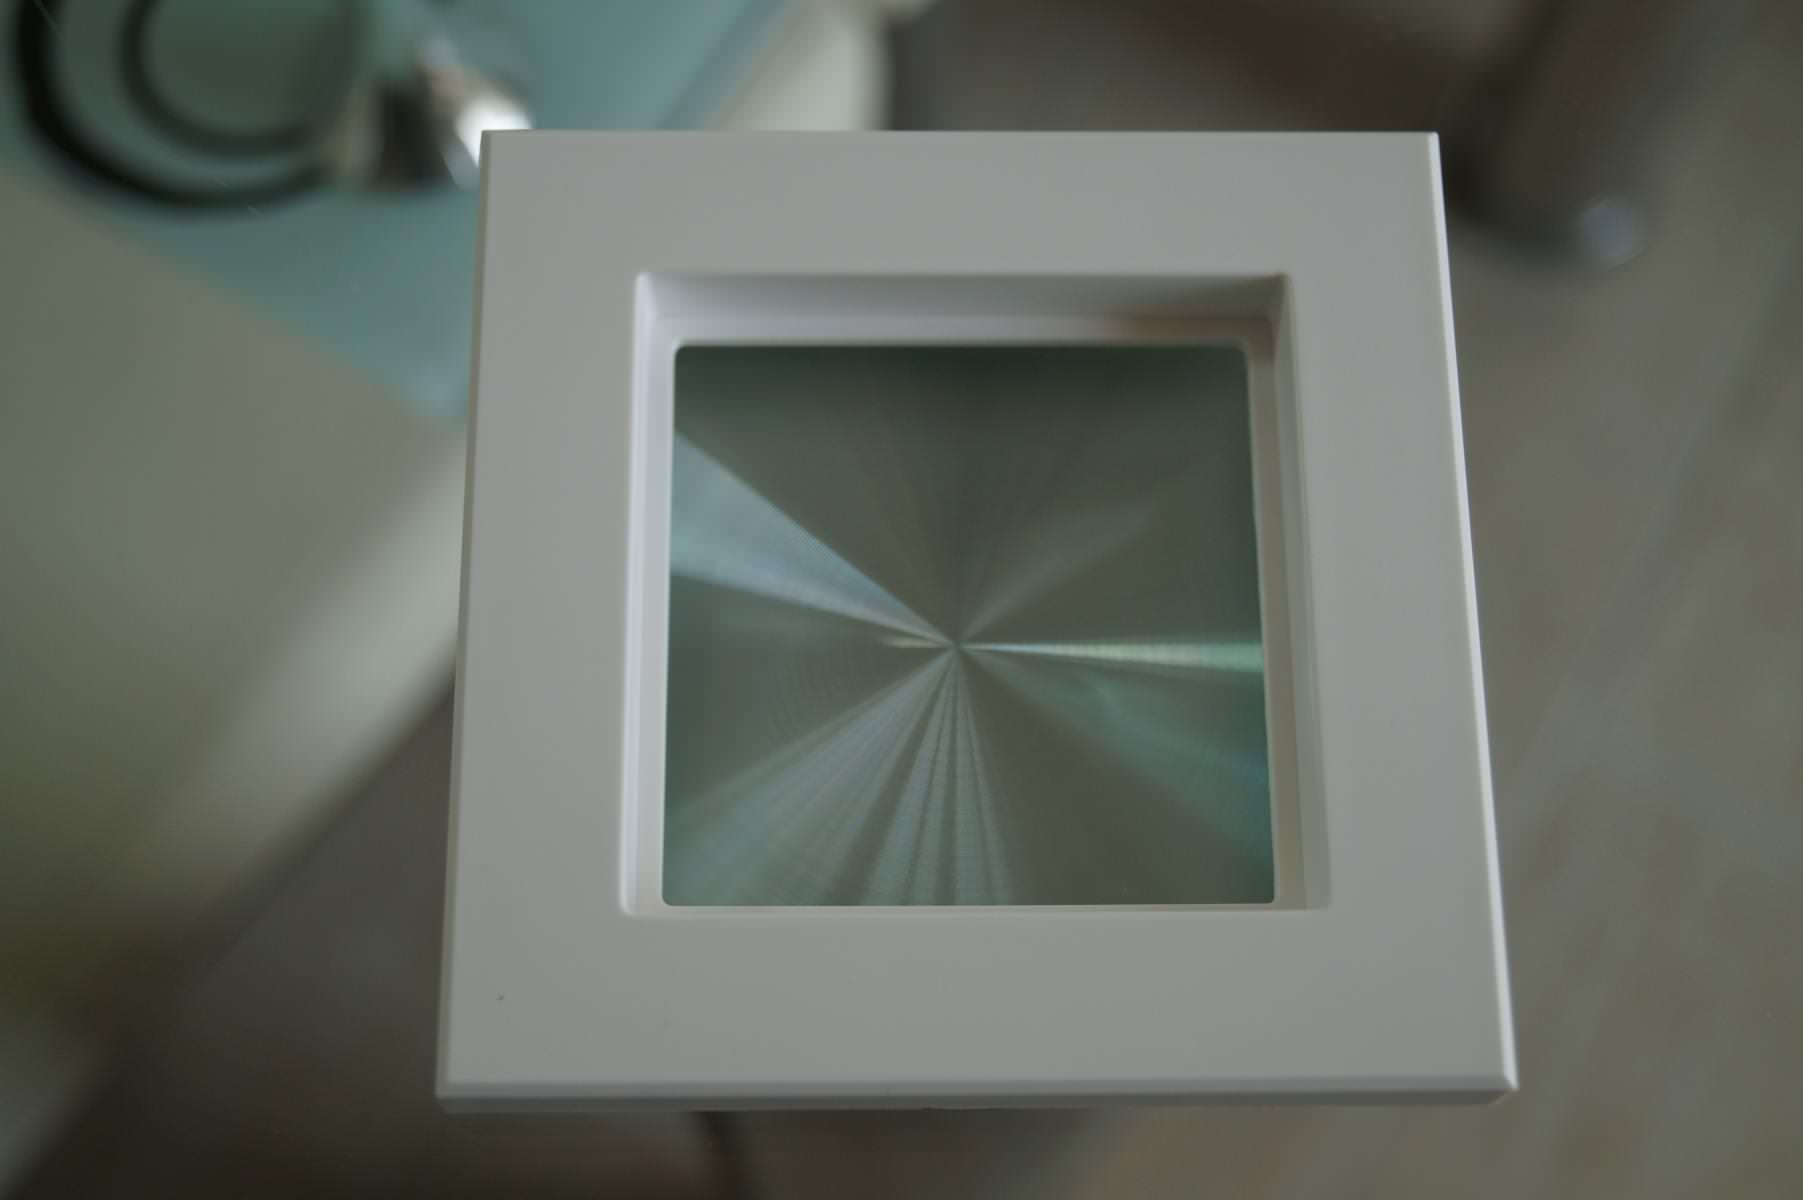 homematic ratgeber licht und schatten teil 1. Black Bedroom Furniture Sets. Home Design Ideas